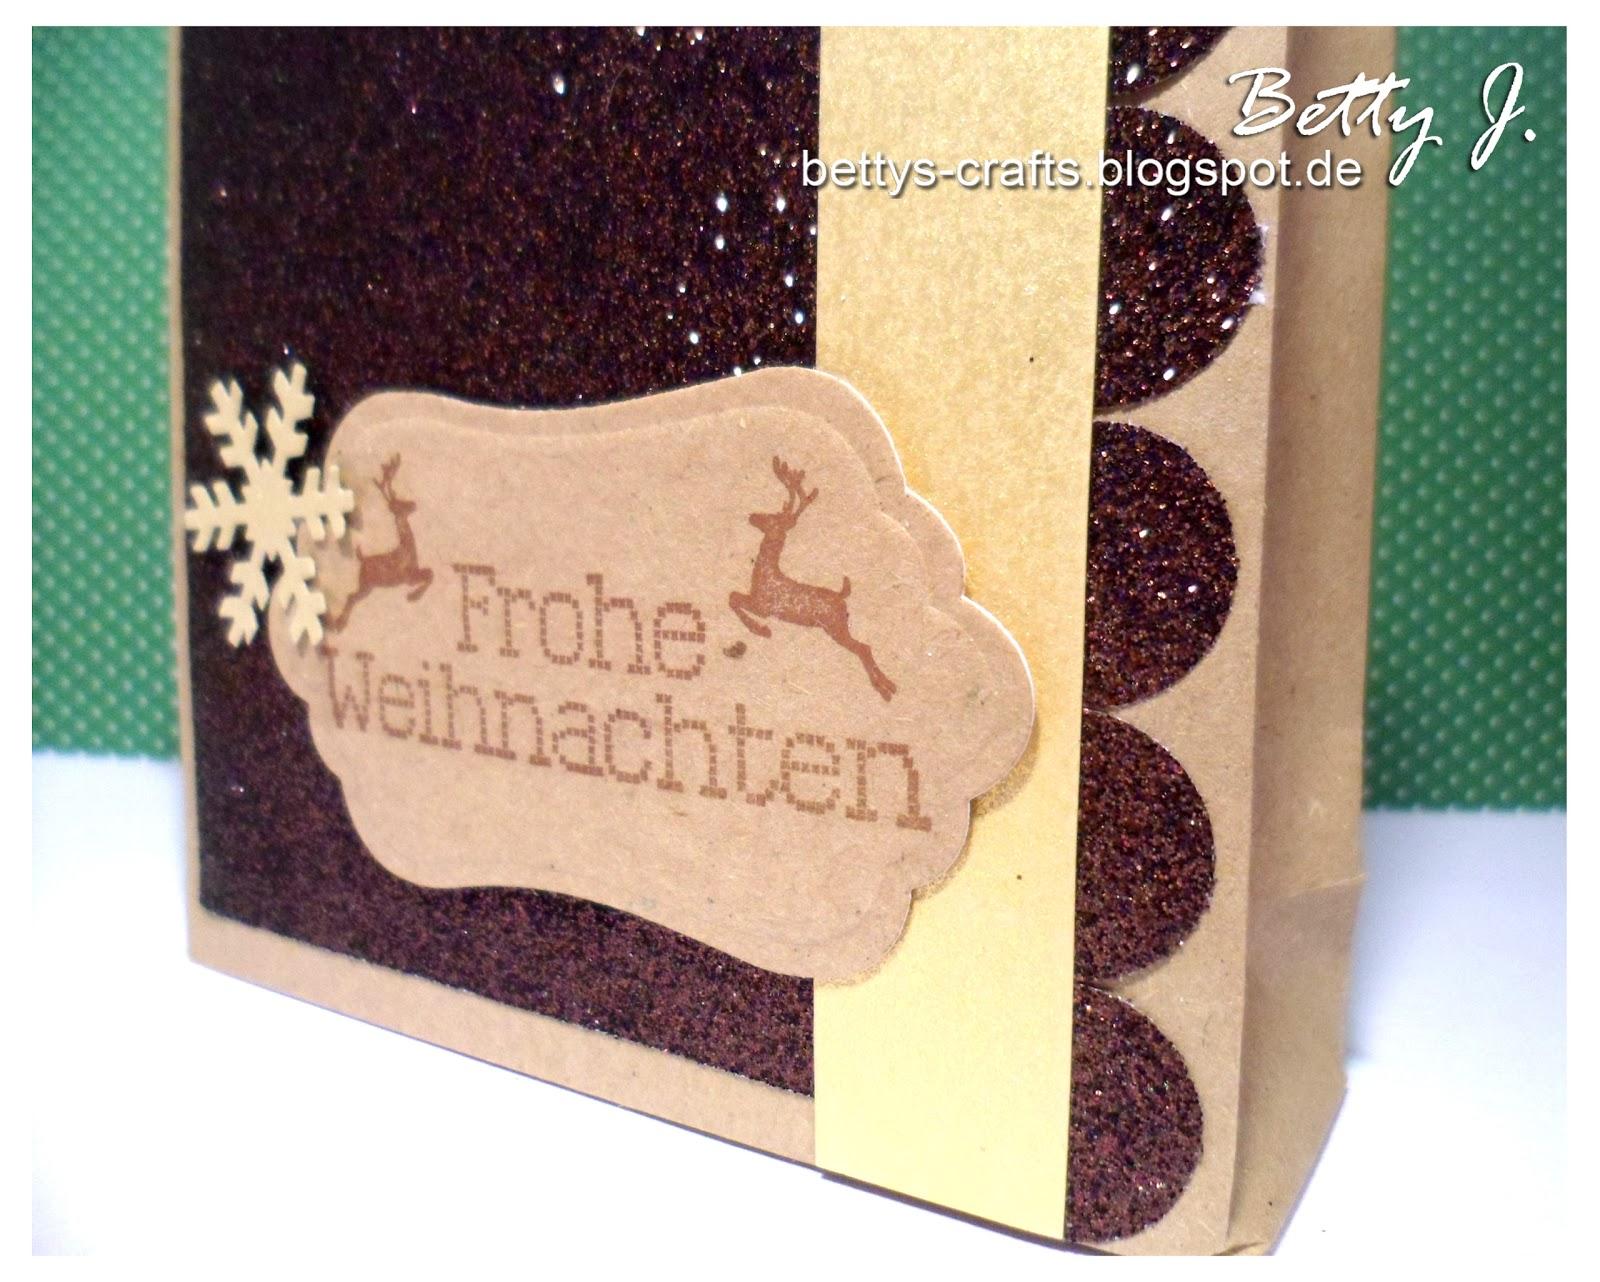 Bettys crafts frohe weihnachten geschenkt tchen - Weihnachten depot ...